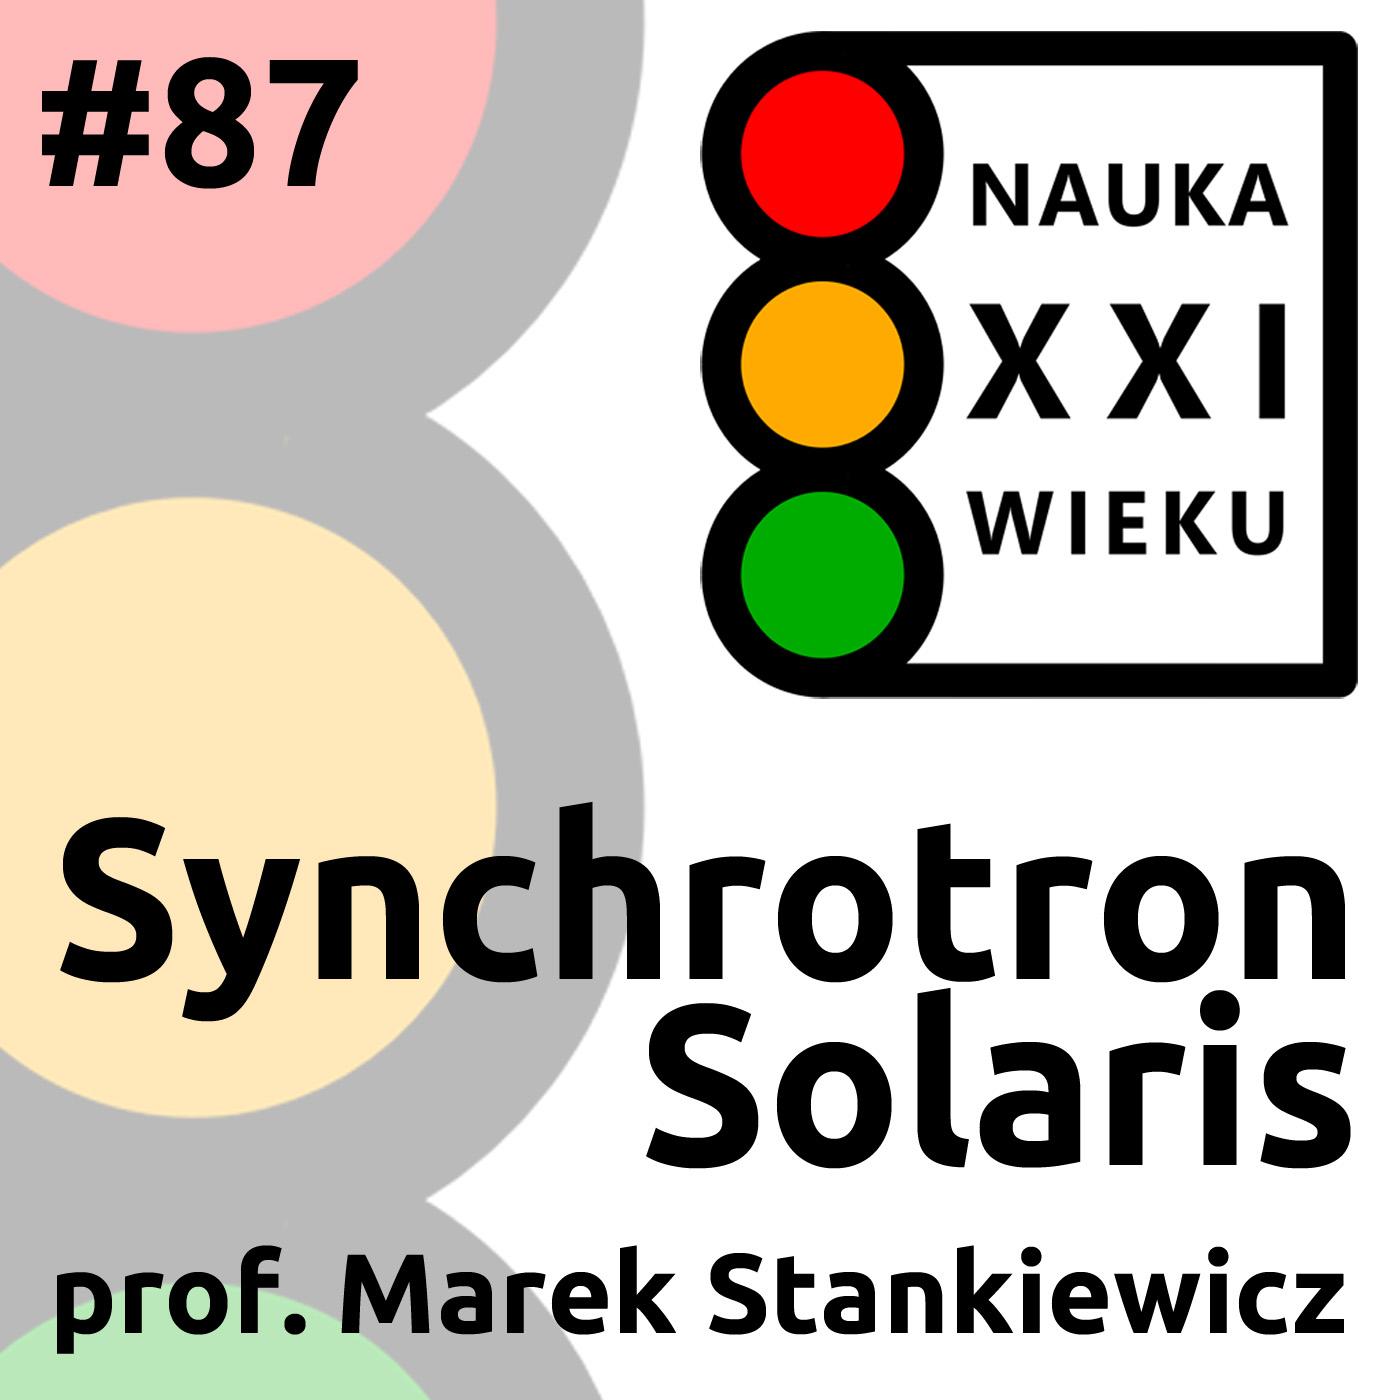 #87 - Synchrotron Solaris